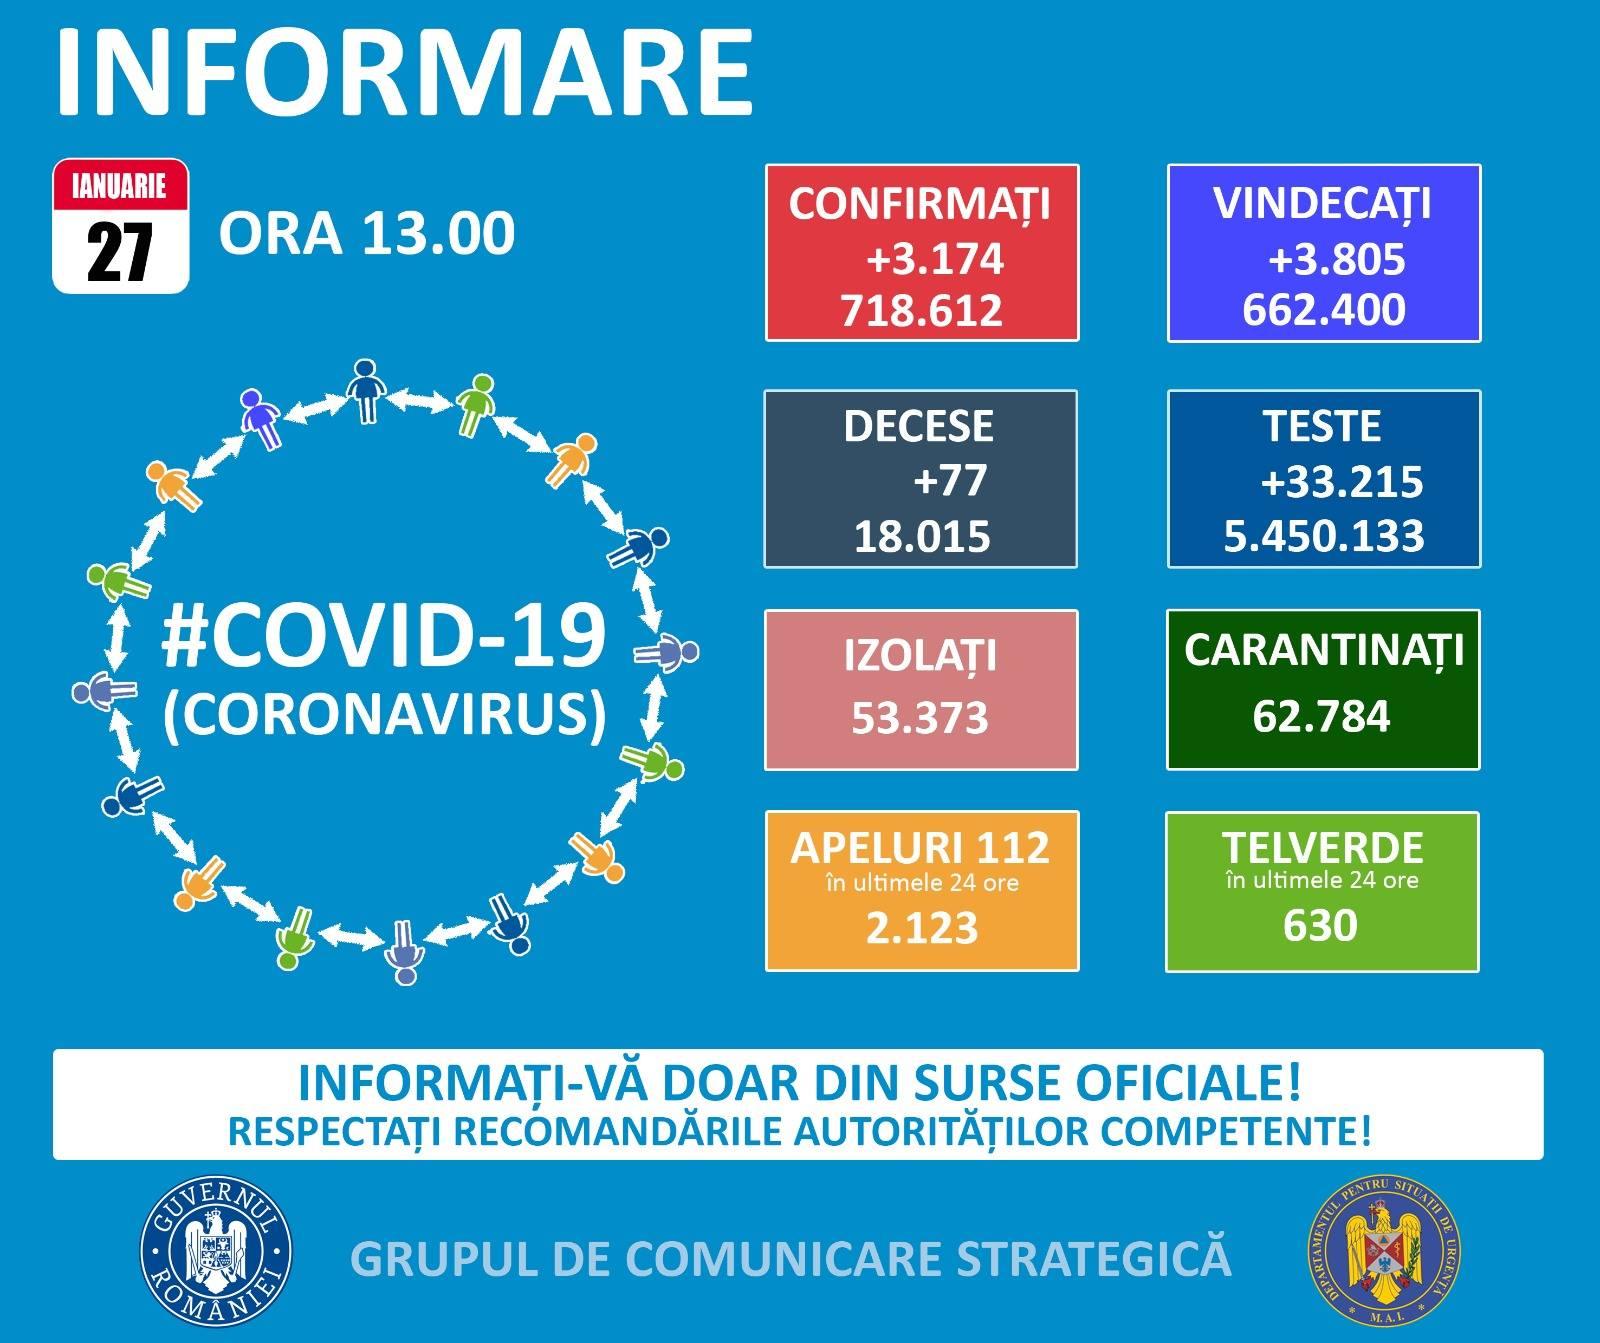 Informare COVID-19 27.01.2021